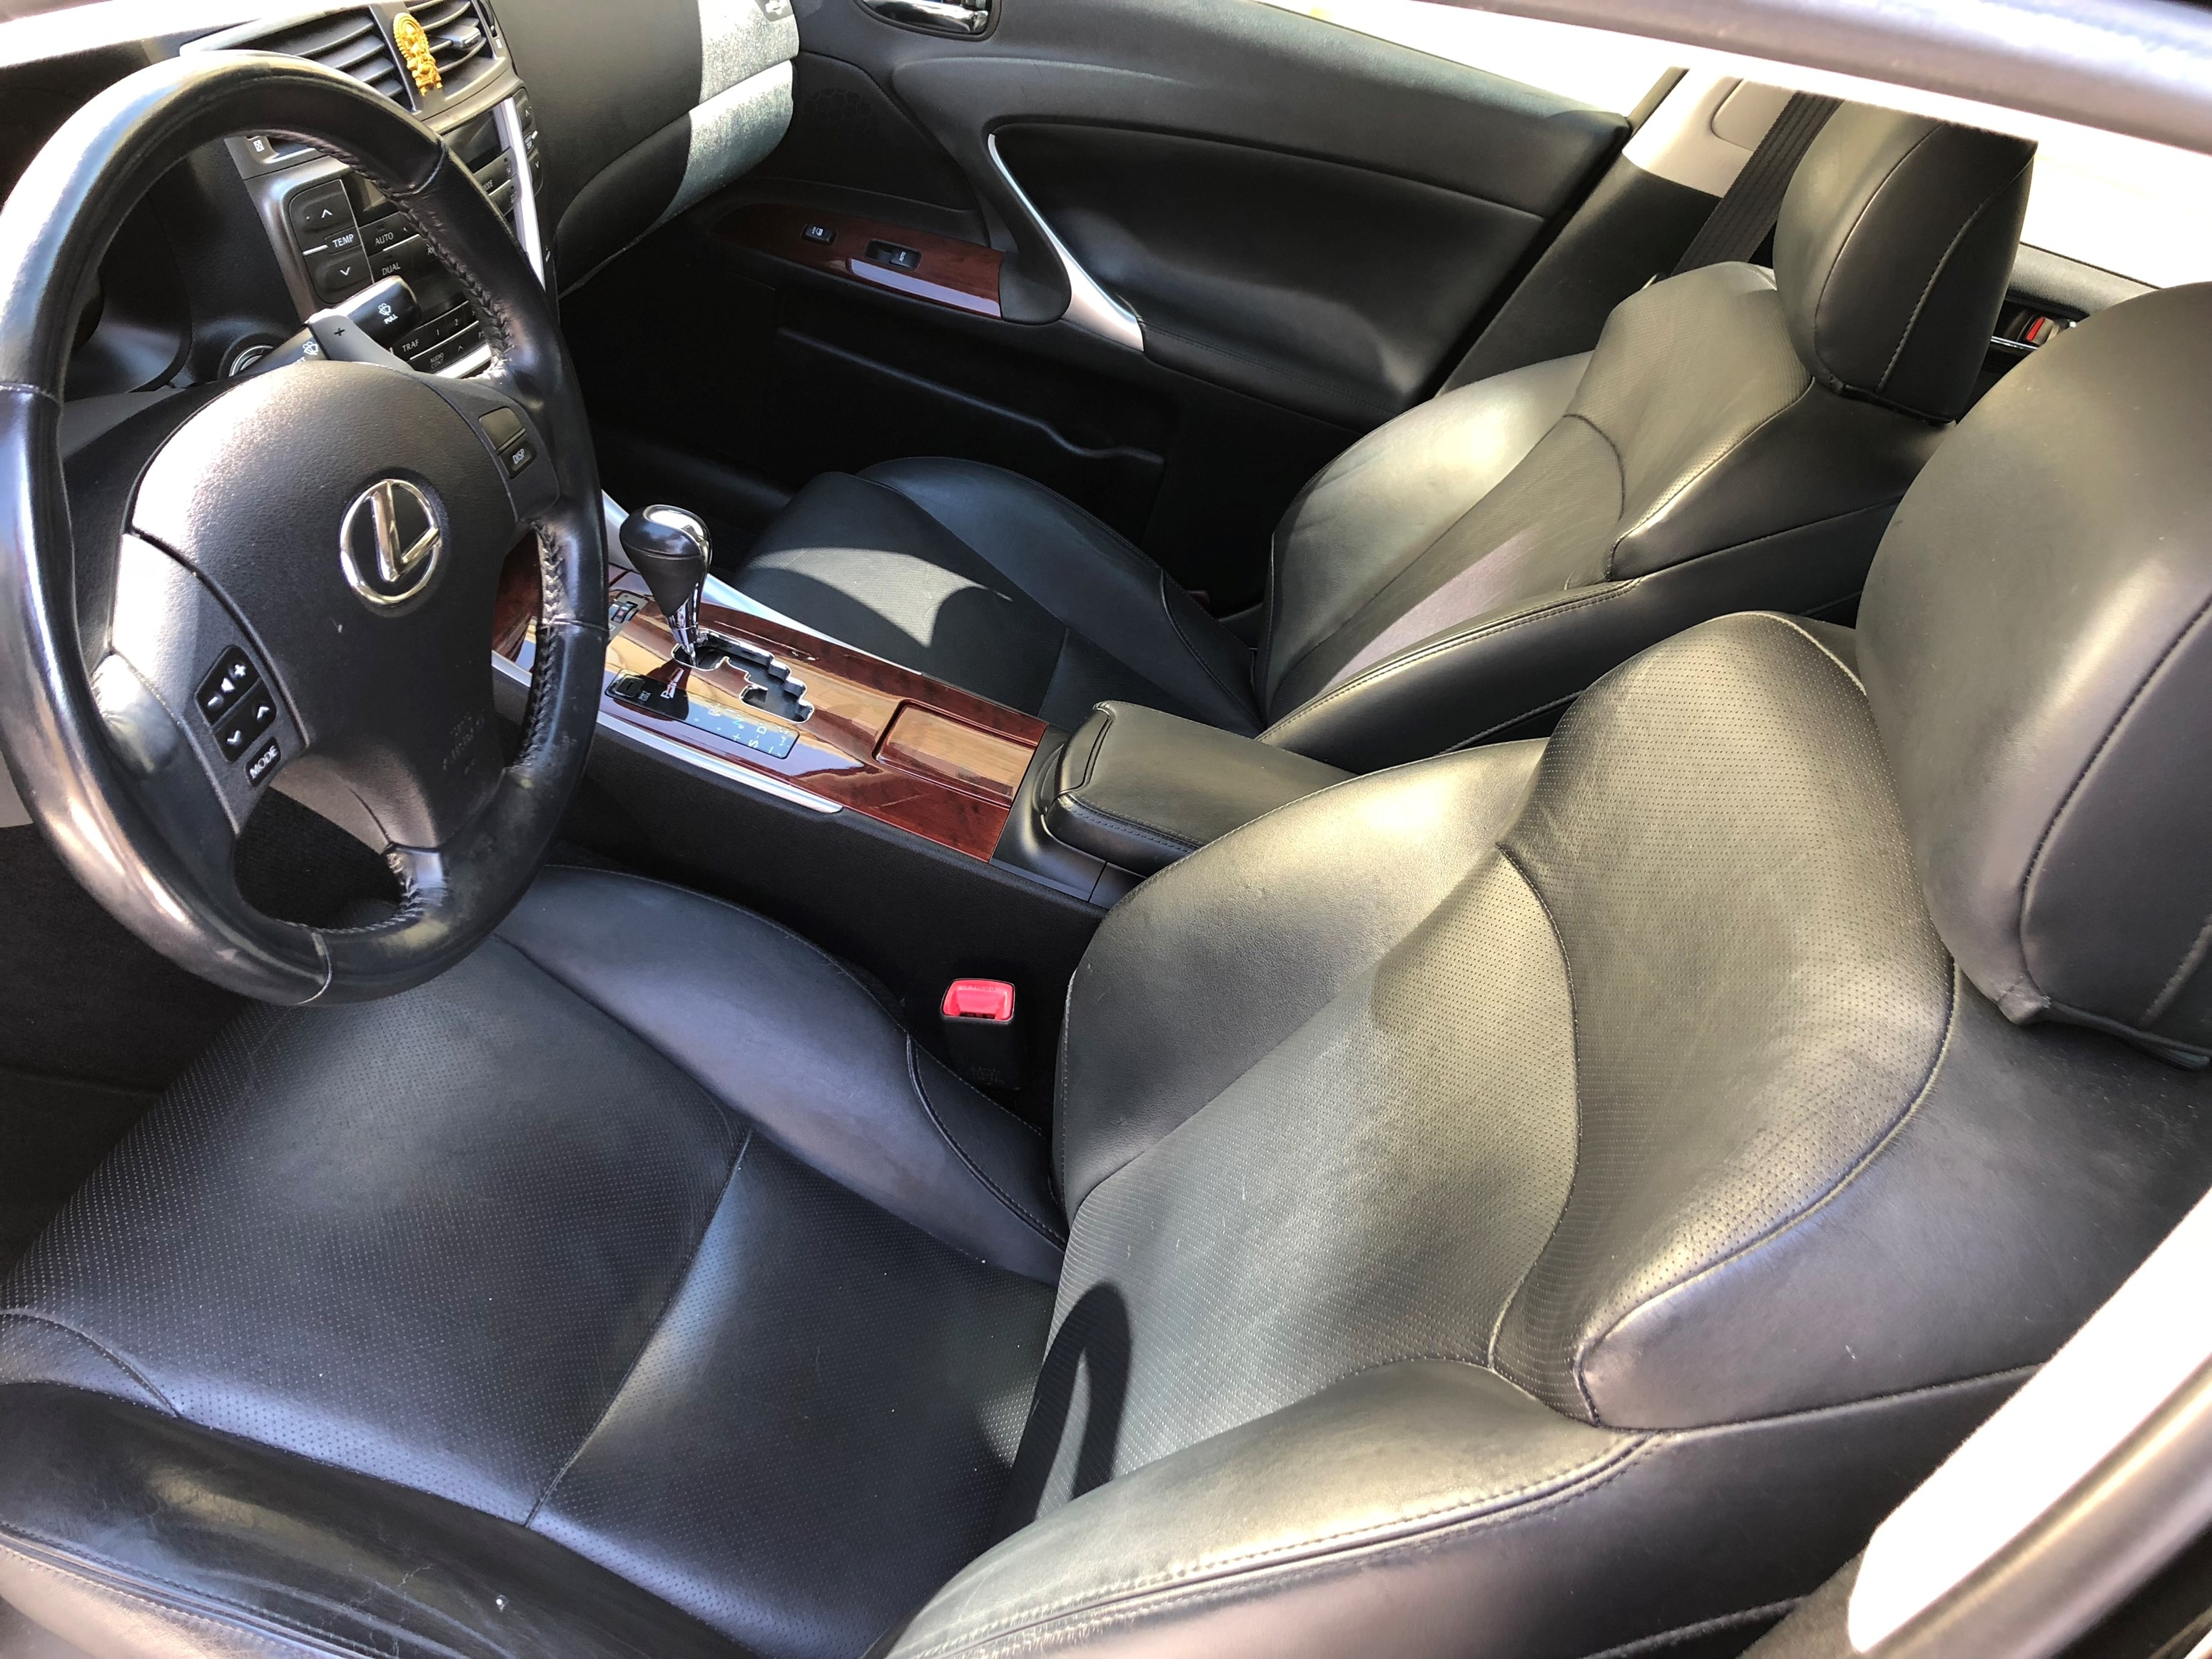 2008 Lexus IS250 Sedan RWD Black - Single Owner, Great